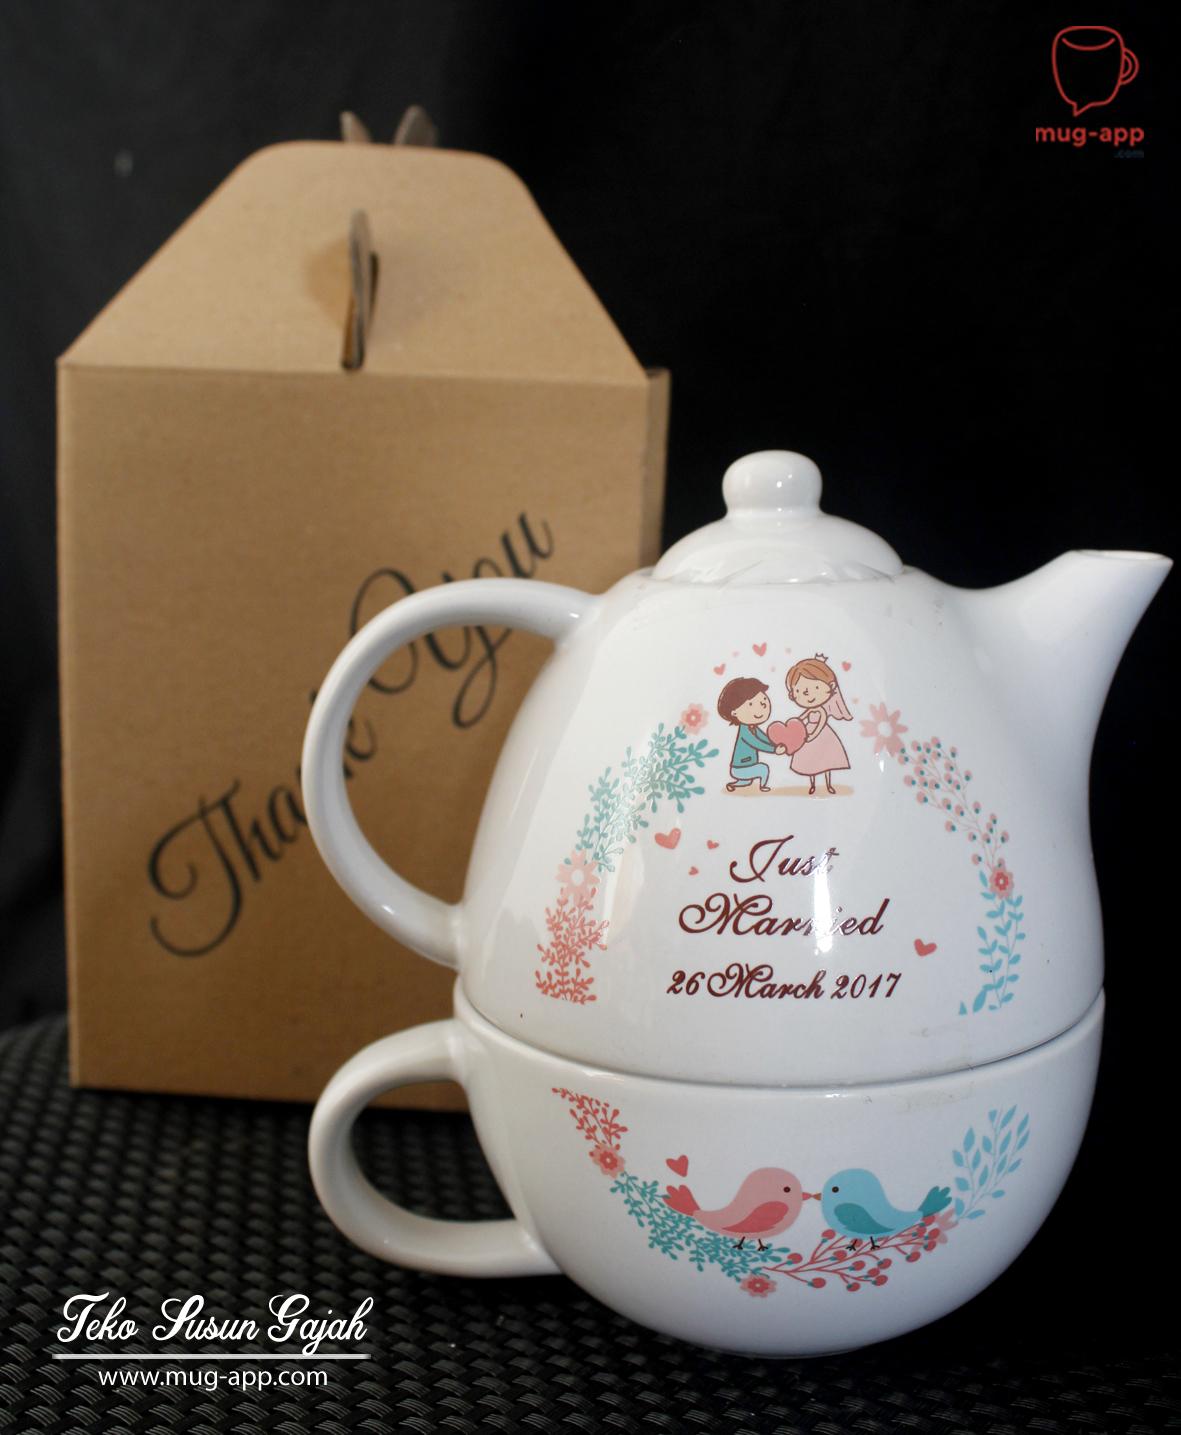 Mug Souvenir Pernikahan Mug Souvenir Pernikahan Hari Yang Lalu Alasan Harus Memilih Souvenir Premium Dari Cokelat